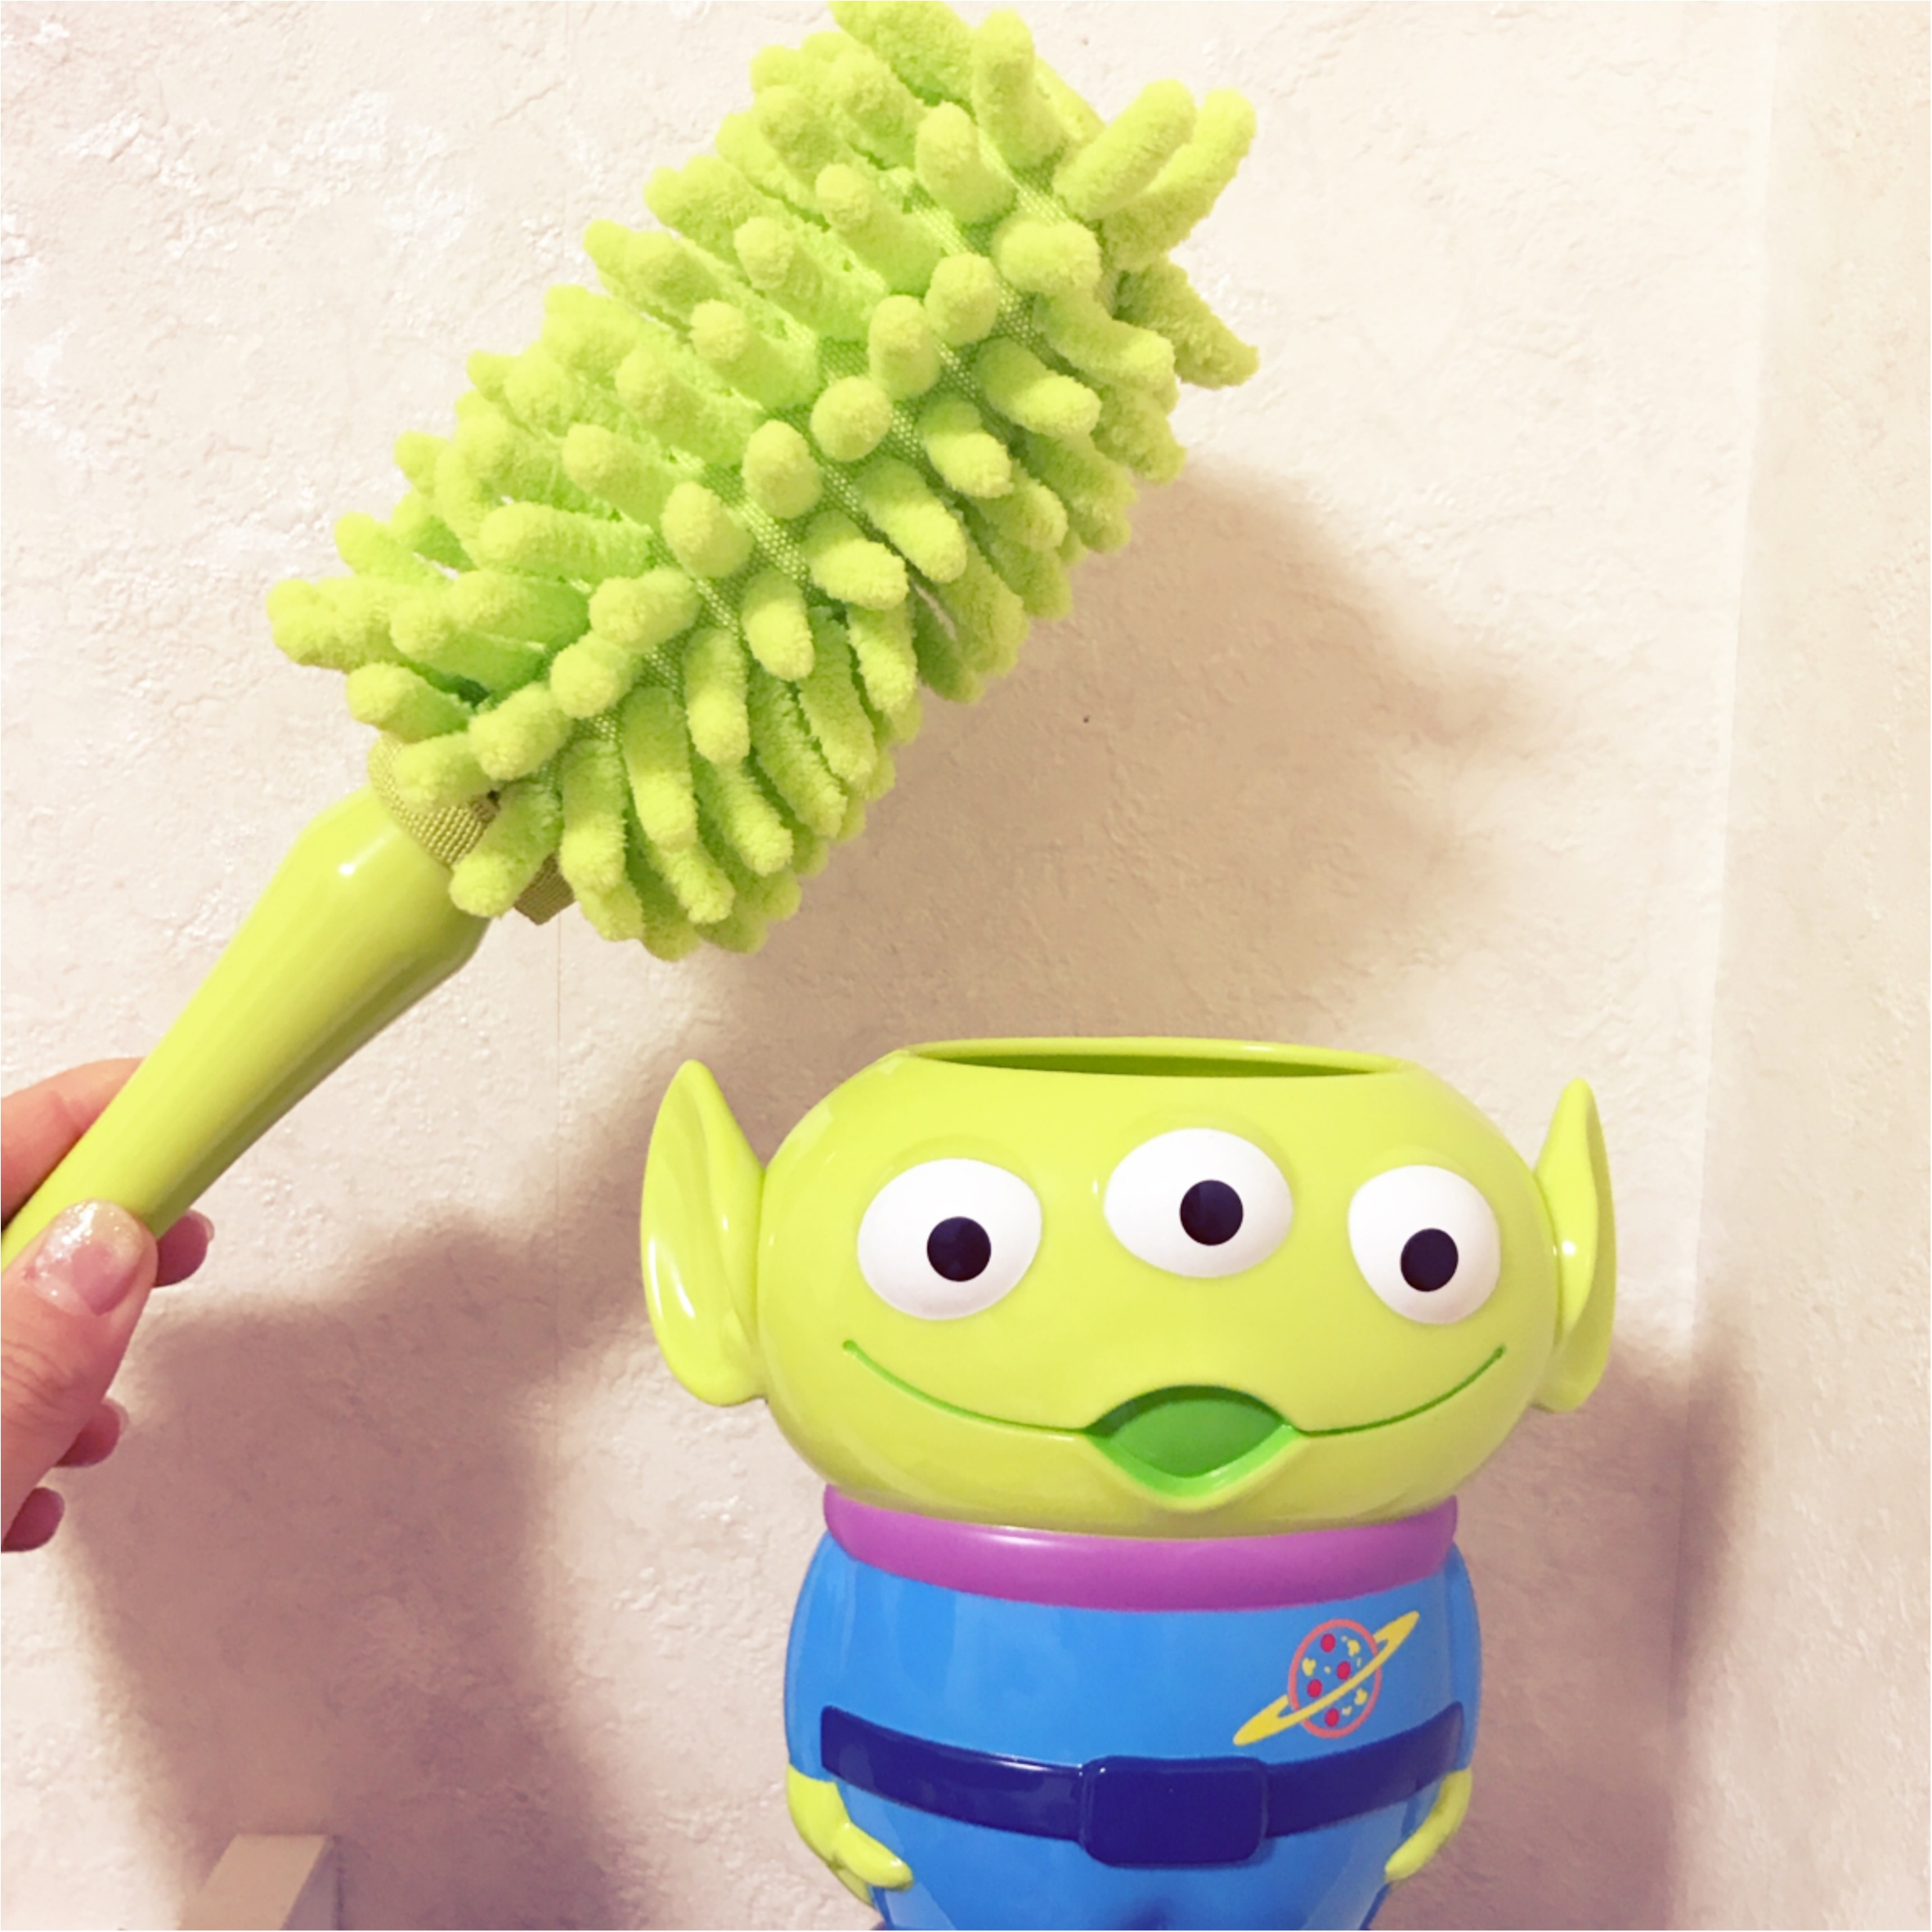 【大掃除が楽しくなっちゃう❤︎】可愛すぎるお掃除グッズ♡_3